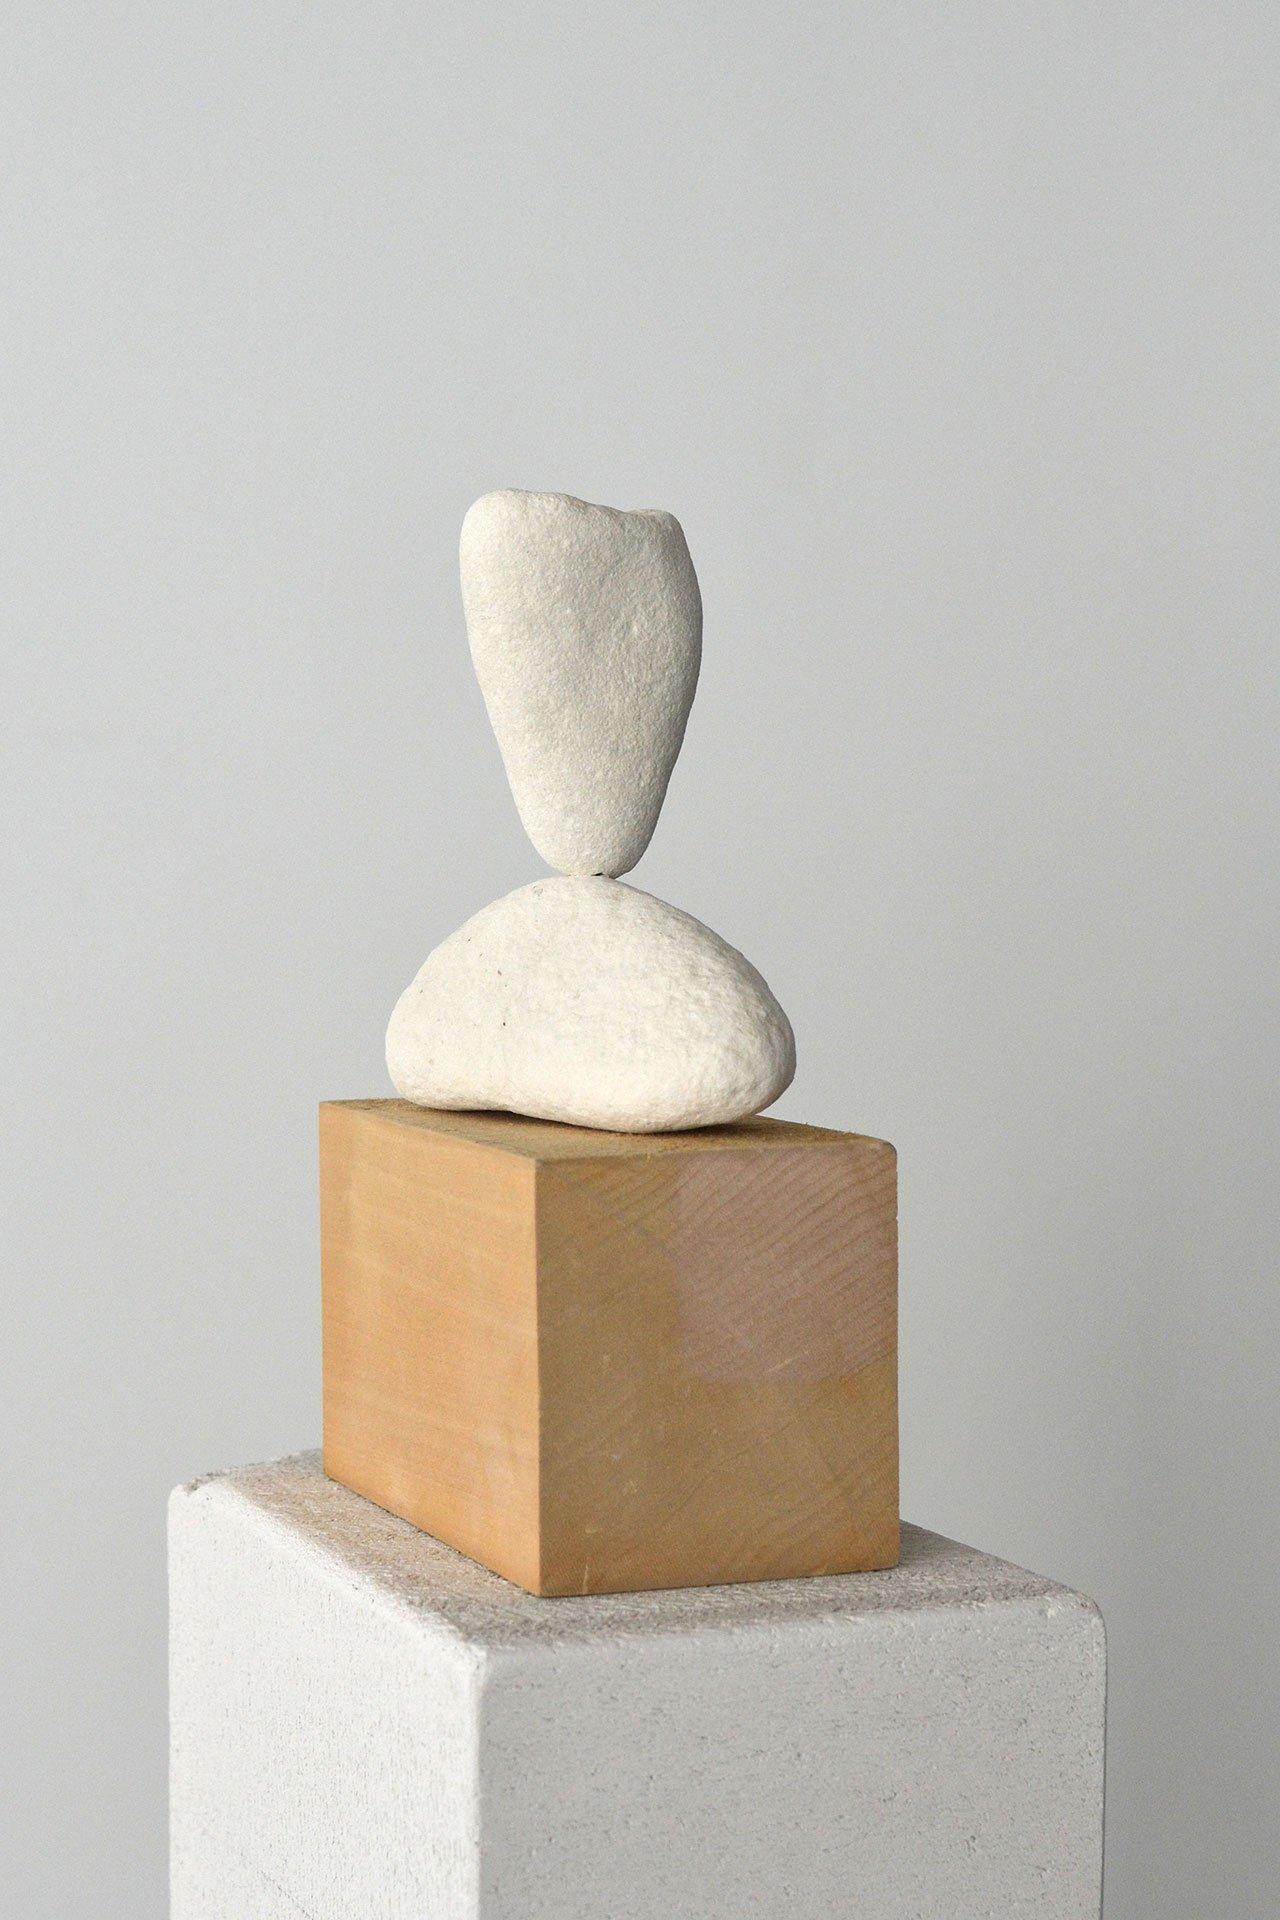 Babs Decruyenaere,Sculpture III Photo: Babs Decruyenaere